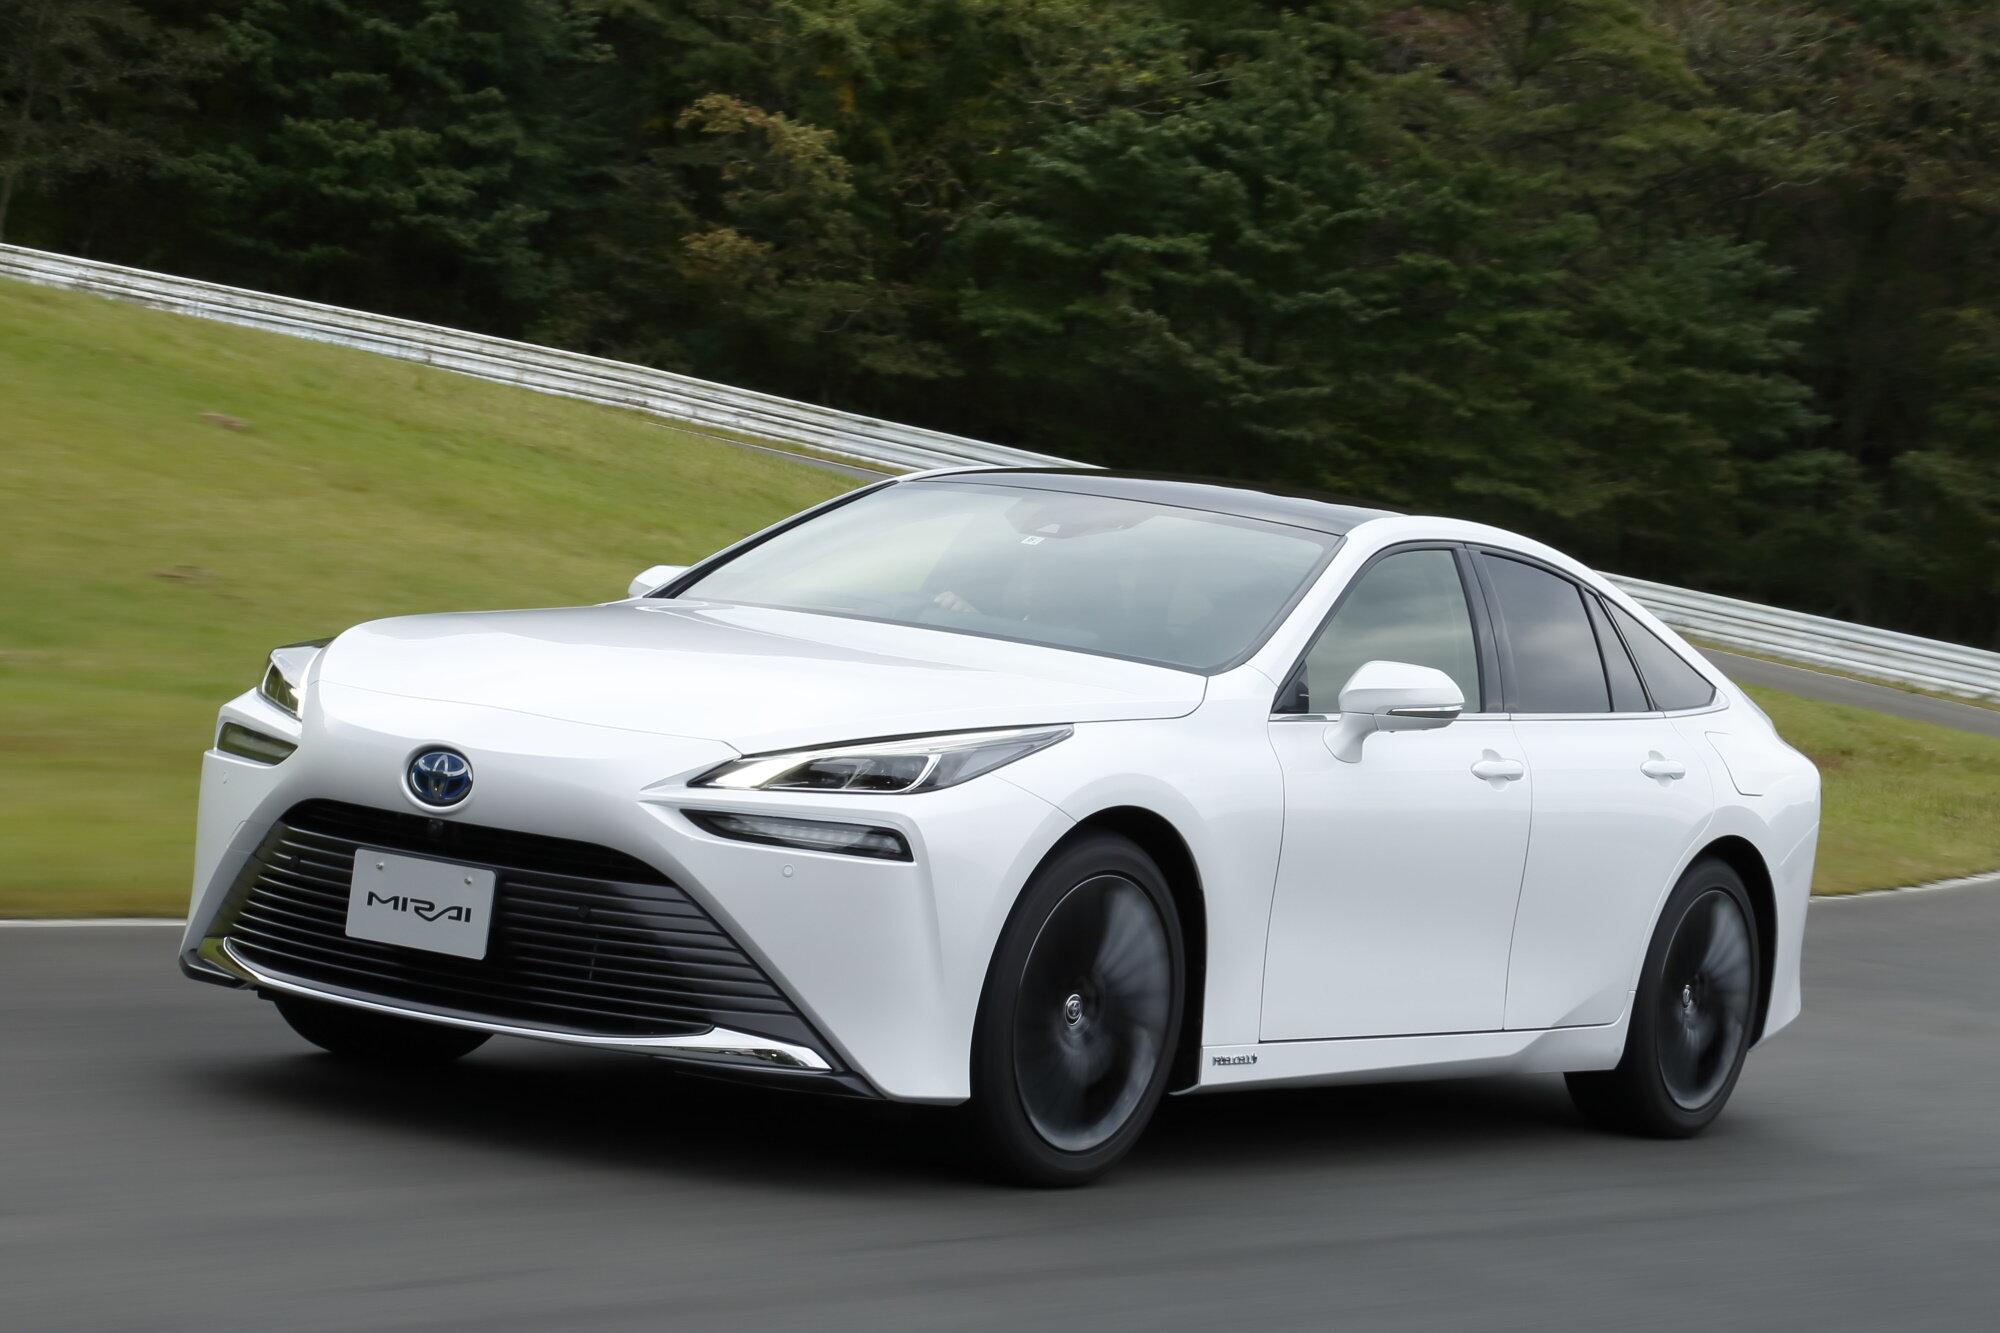 丰田氢燃料汽车Mirai II的欧洲售价比特斯拉电动汽车便宜